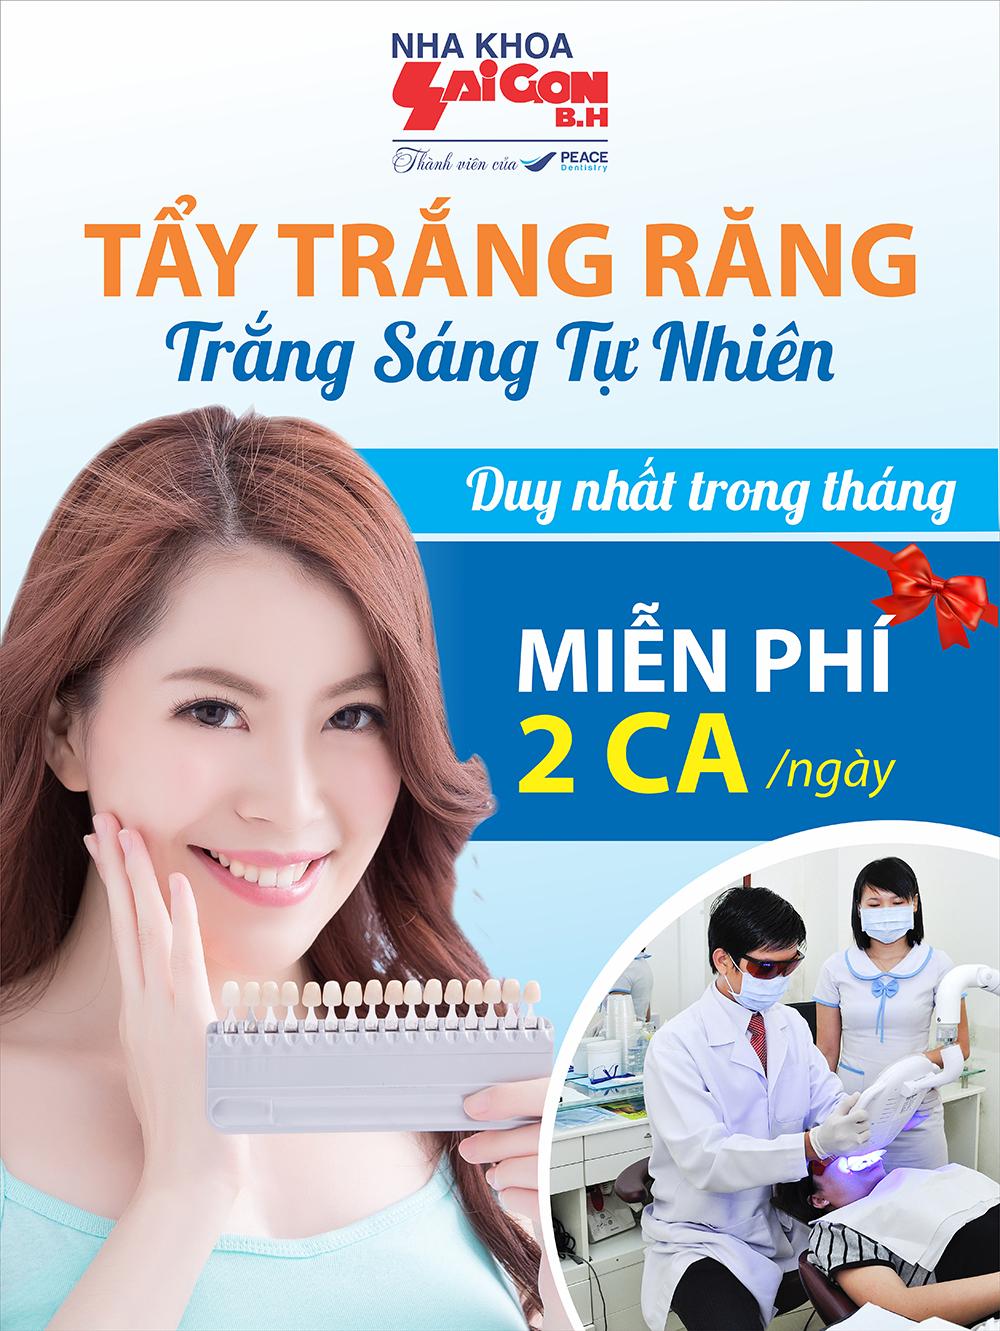 Nha khoa Sài Gòn B.H